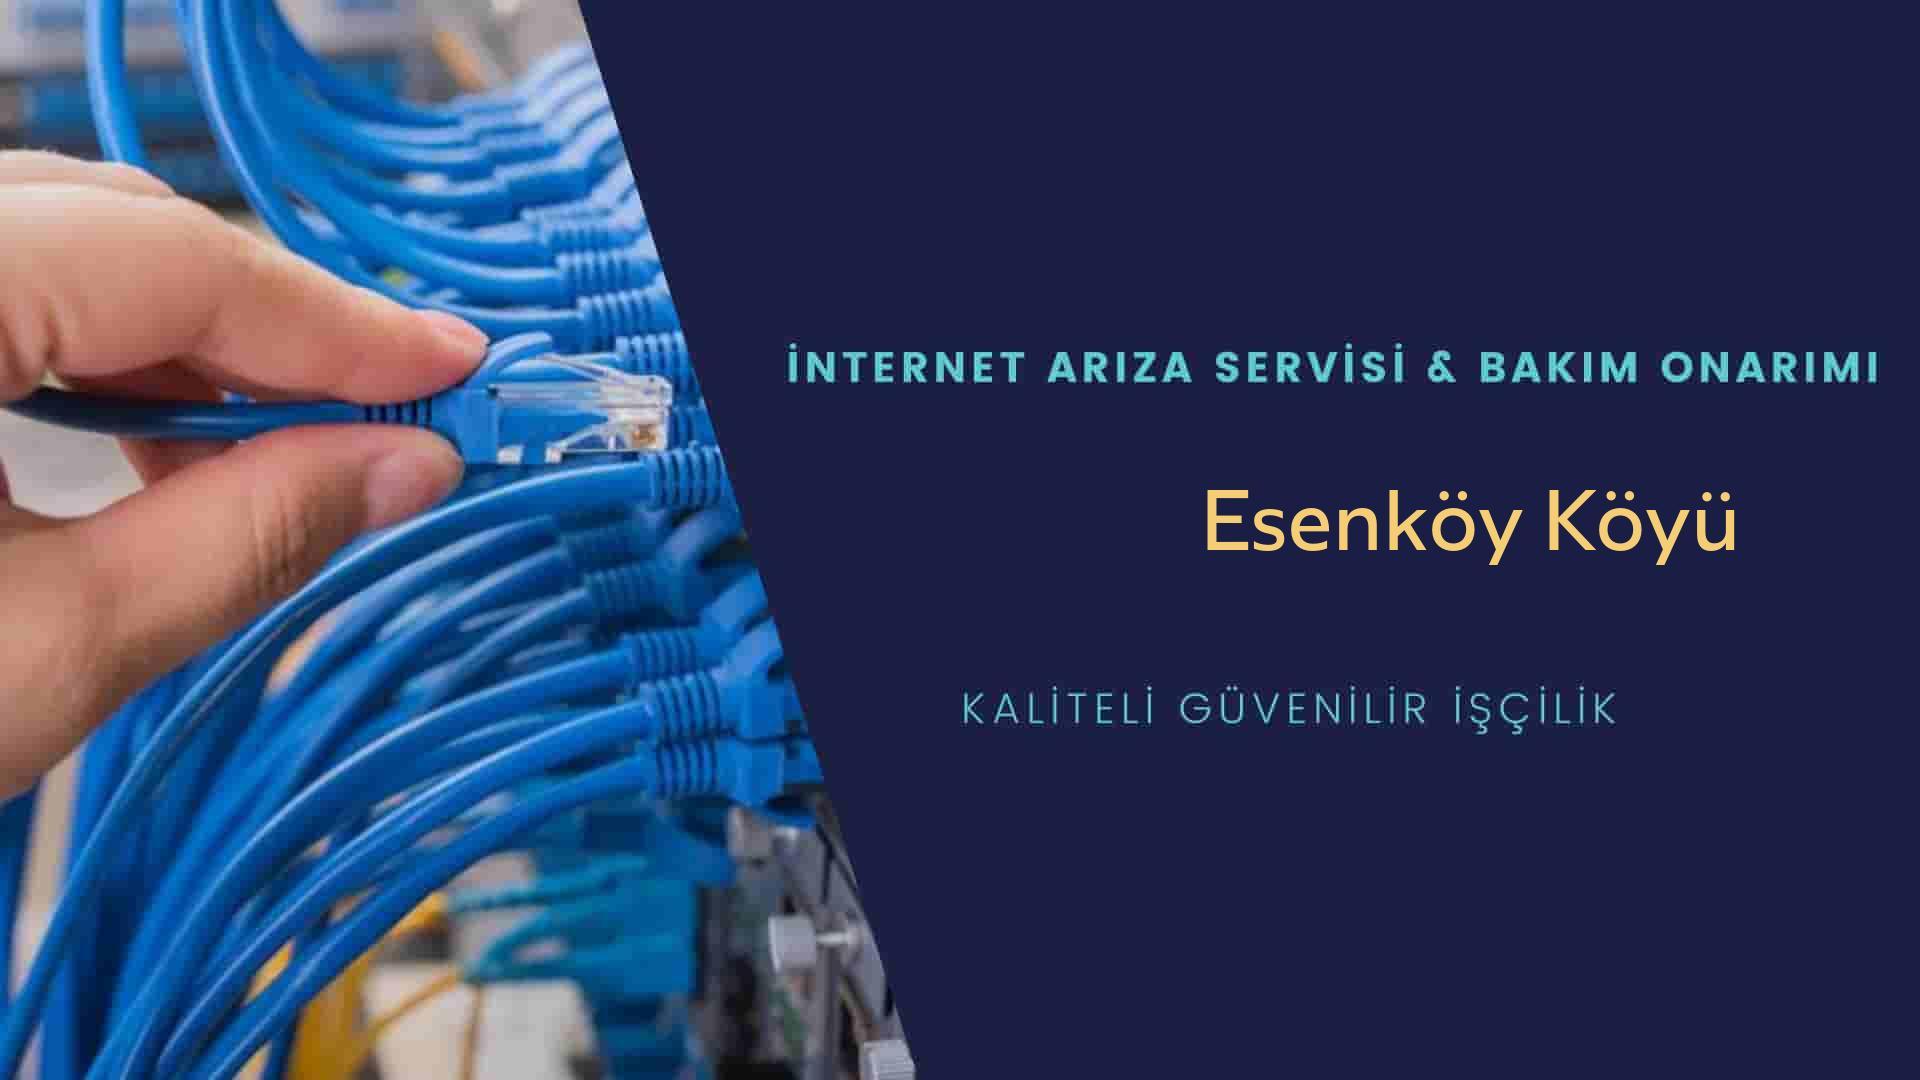 Esenköy Köyü internet kablosu çekimi yapan yerler veya elektrikçiler mi? arıyorsunuz doğru yerdesiniz o zaman sizlere 7/24 yardımcı olacak profesyonel ustalarımız bir telefon kadar yakındır size.